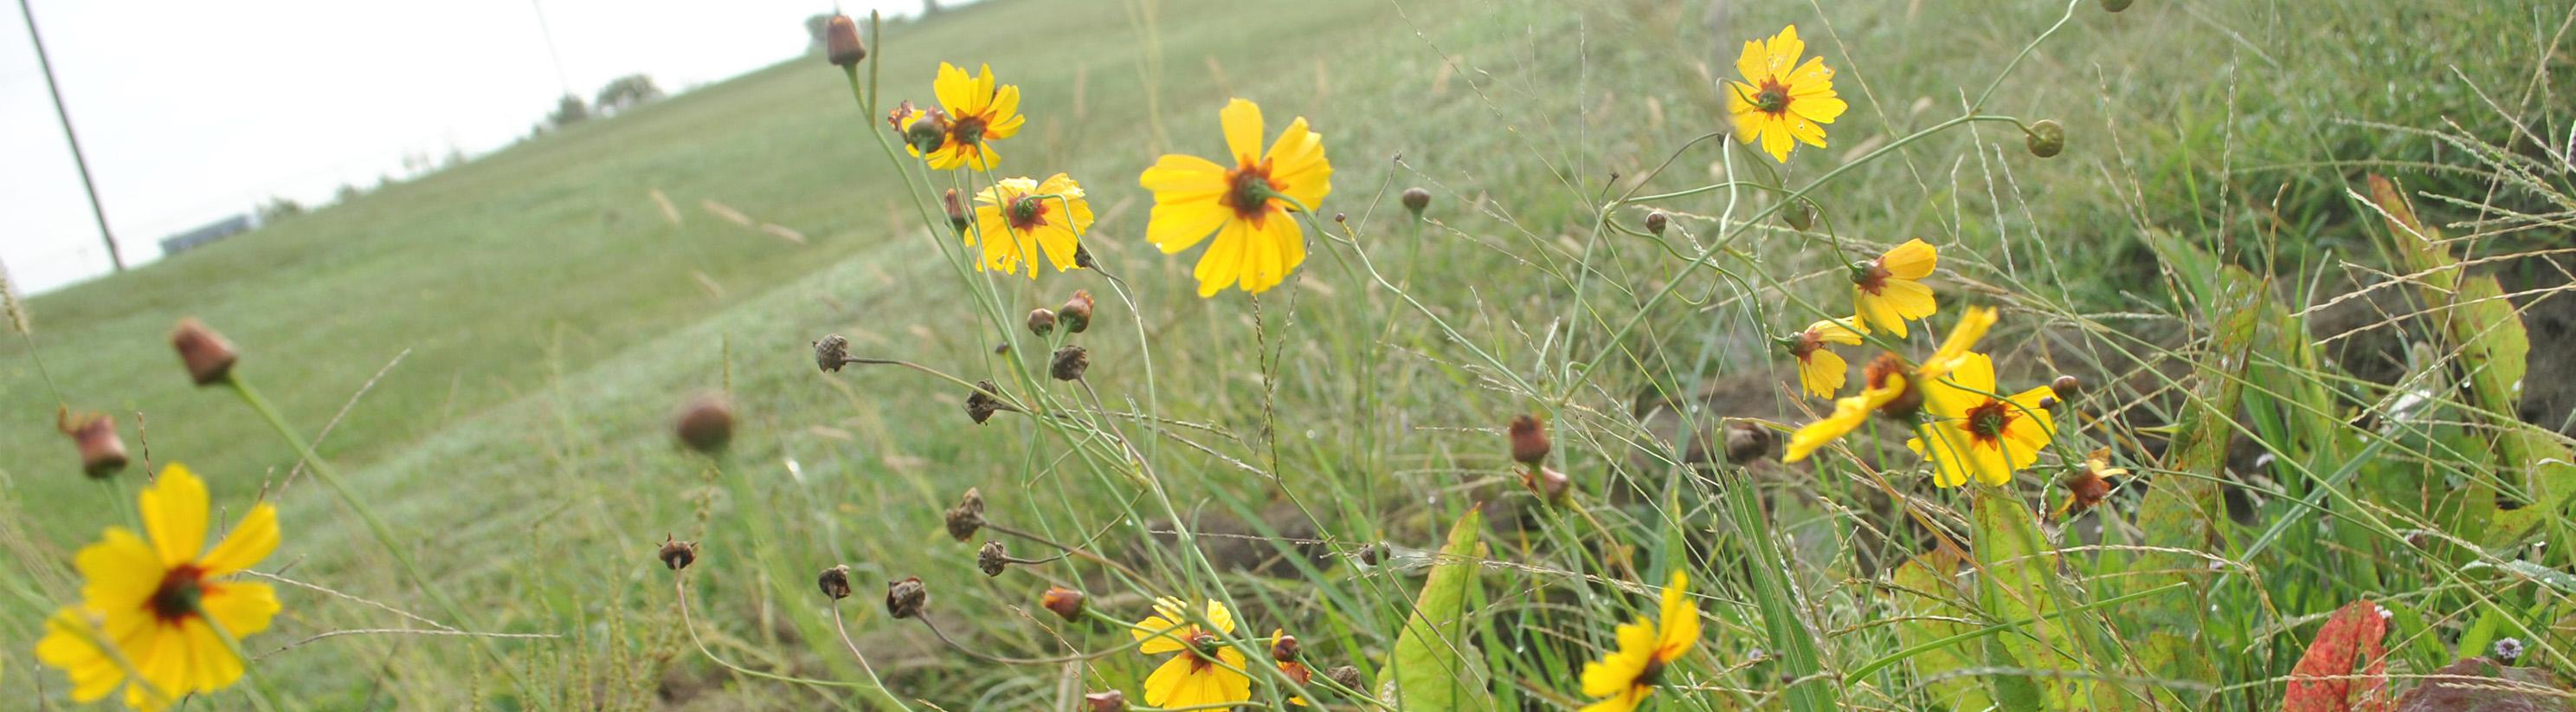 Nature Photo-- Small Sunflowers